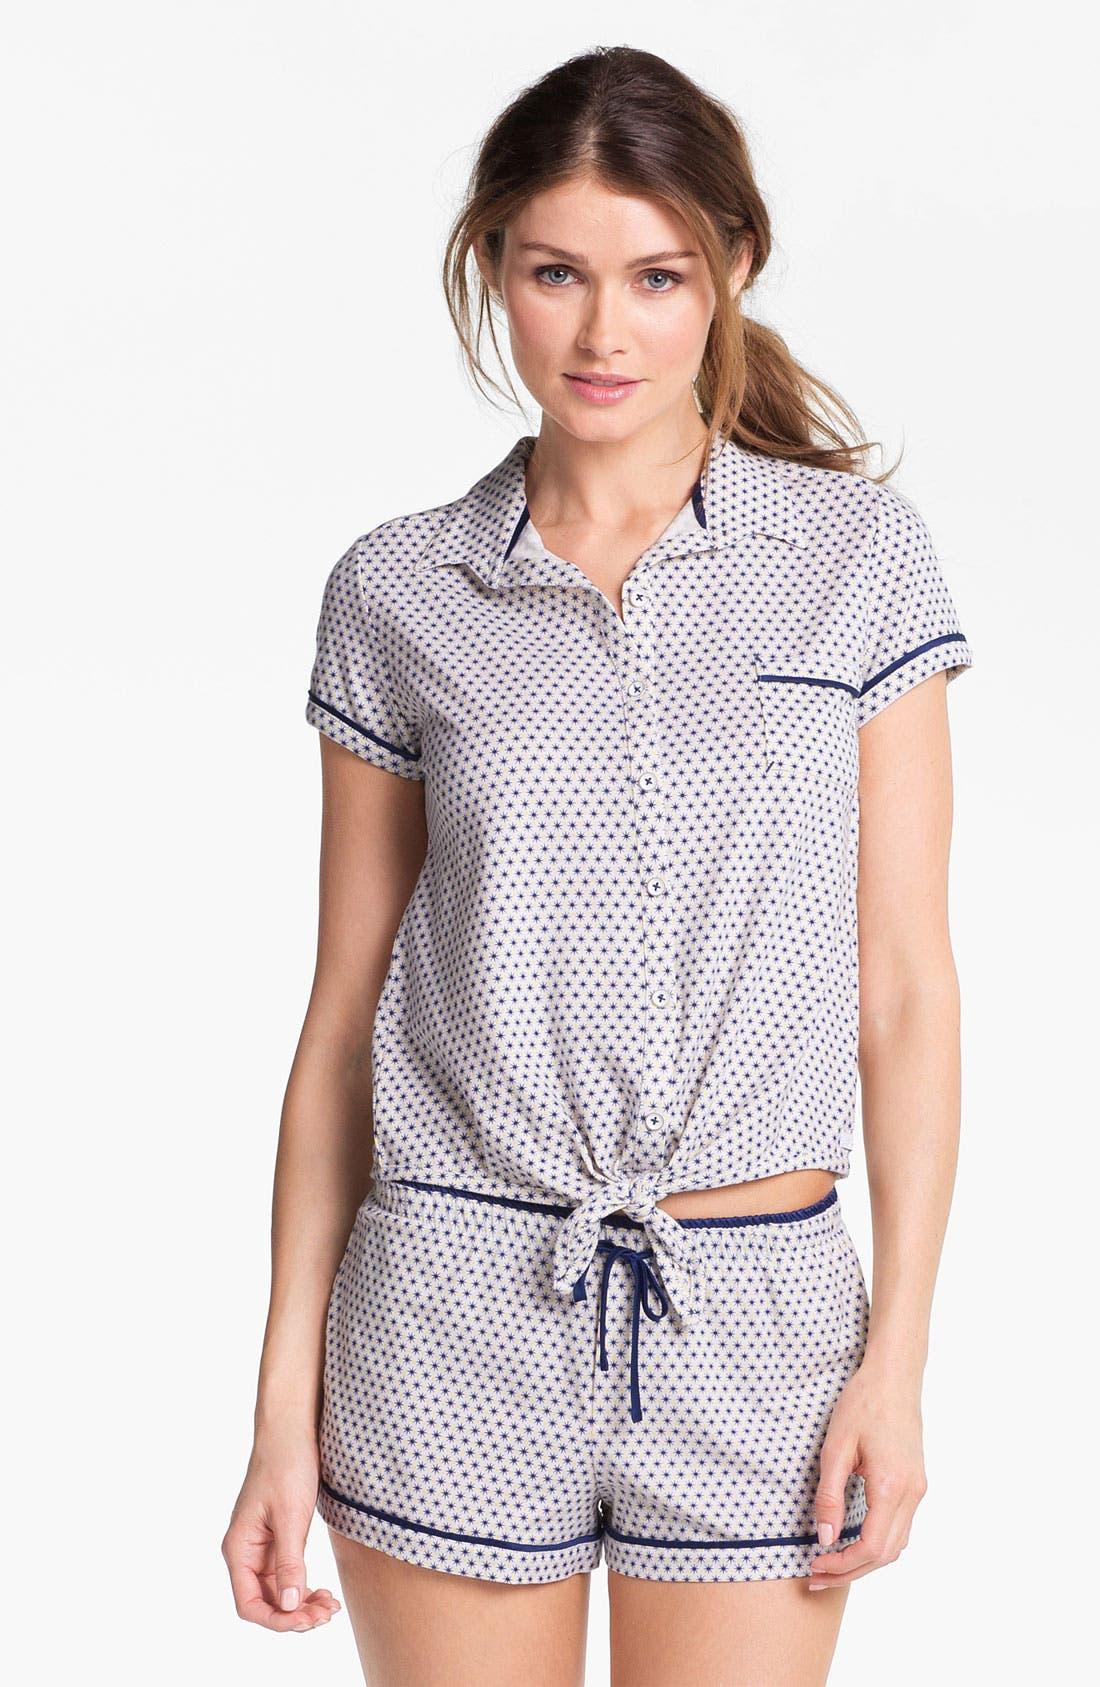 Alternate Image 1 Selected - Kensie 'Surf Lodge' Pajama Top